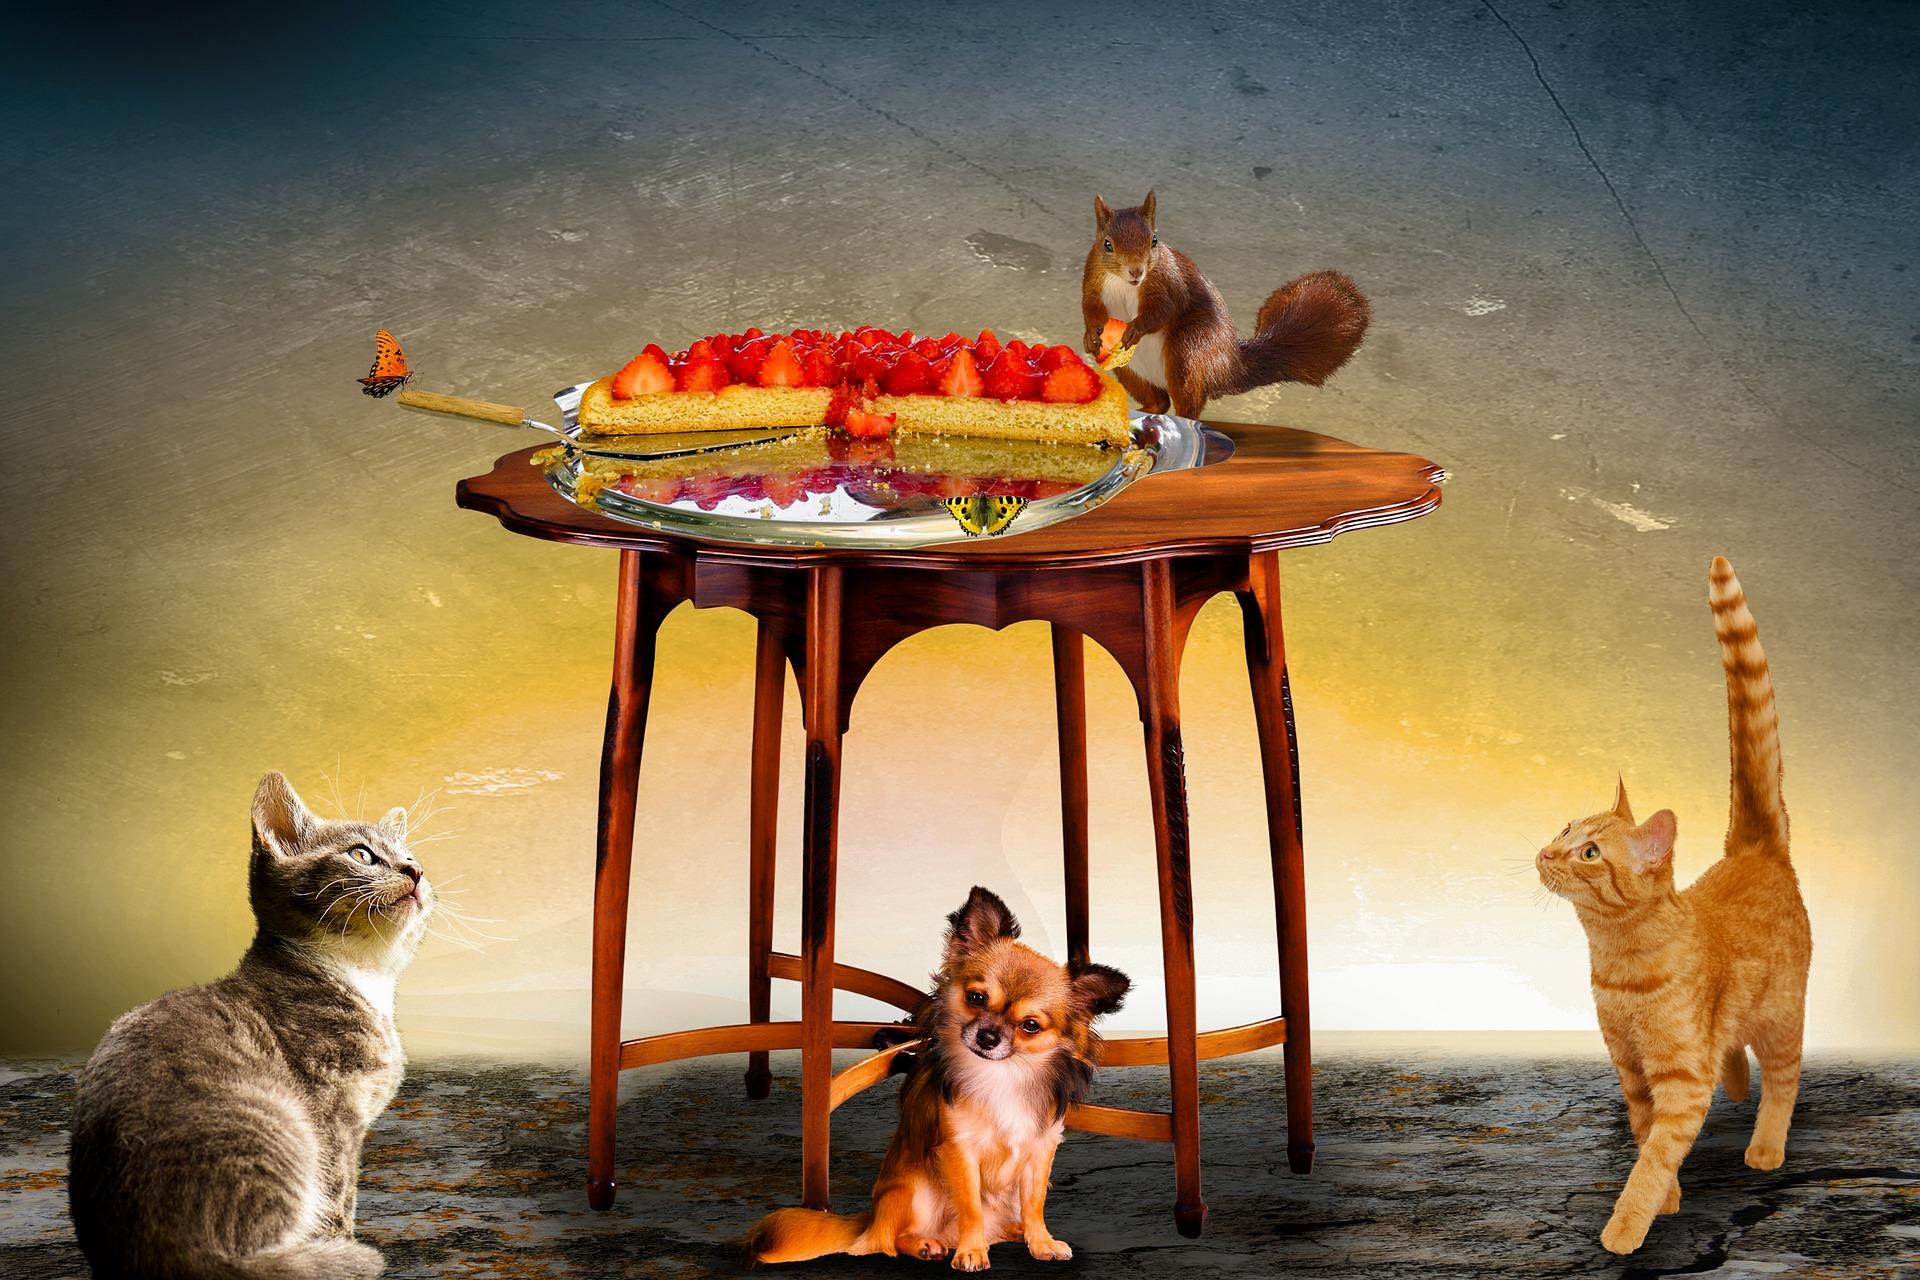 Ecco gli alimenti della nostra tavola dannosi per il cane